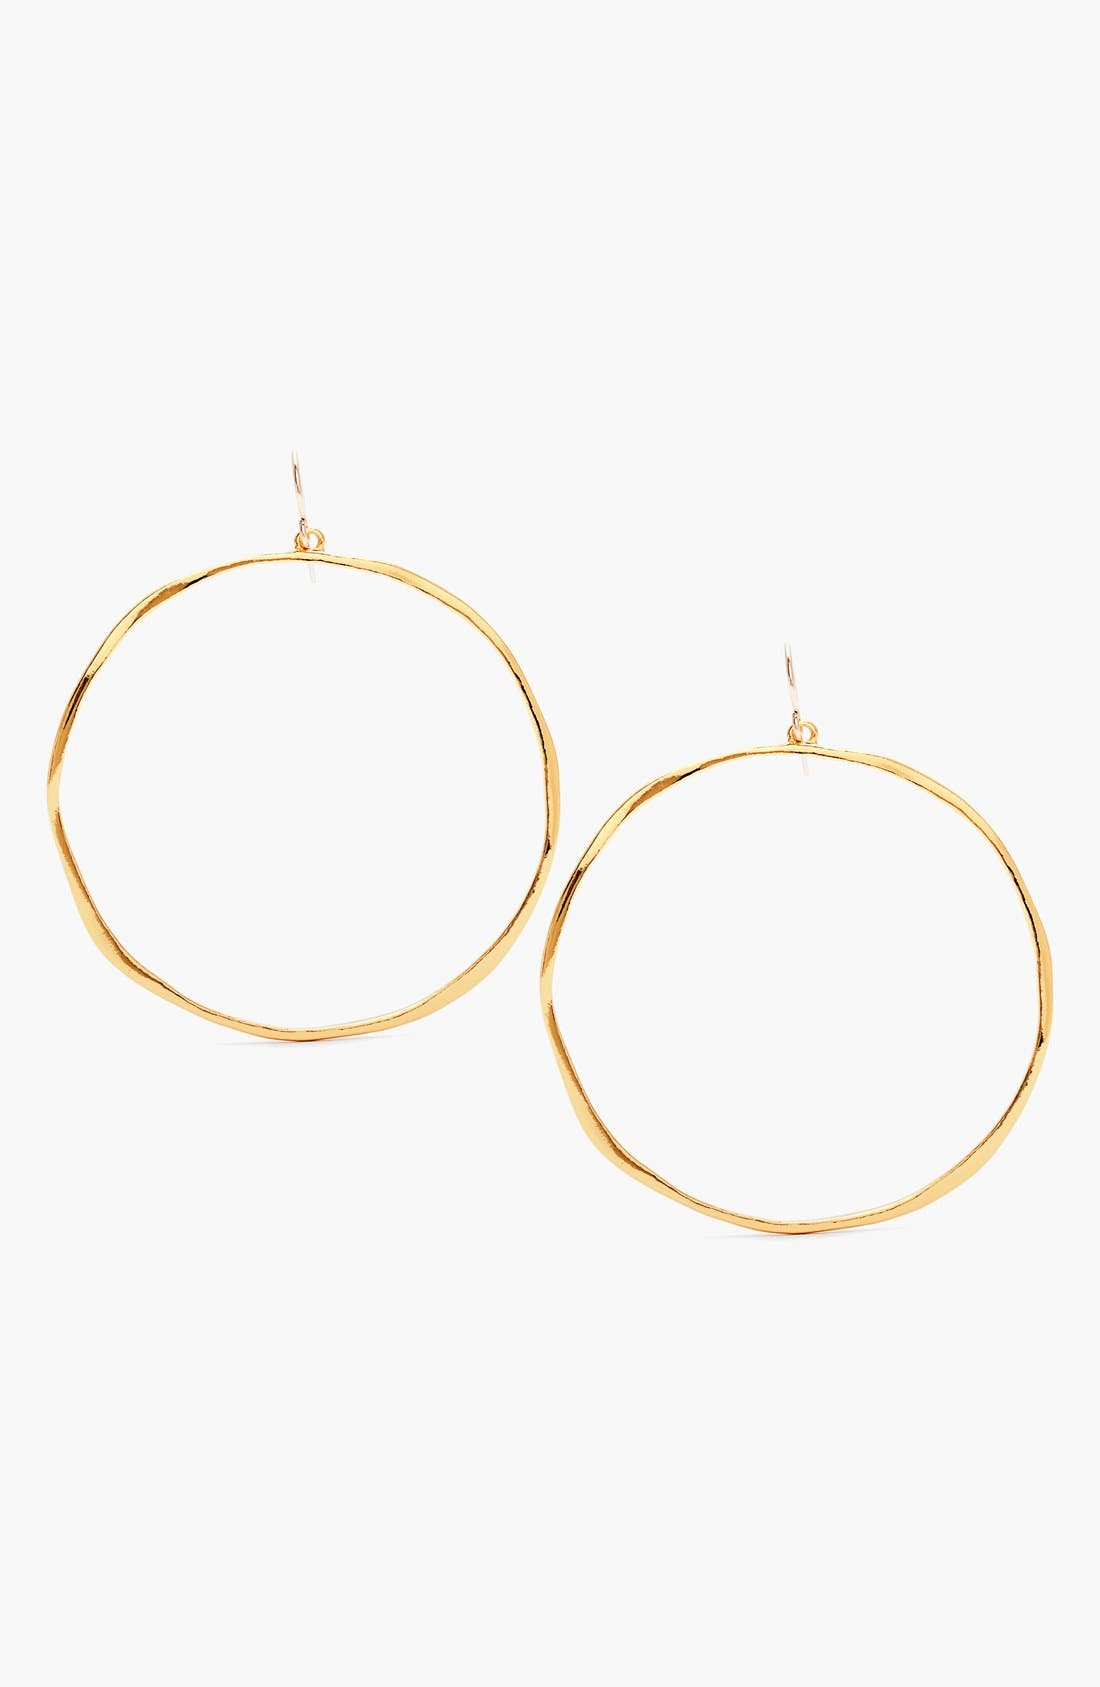 Main Image - gorjana 'G Ring' Hoop Earrings